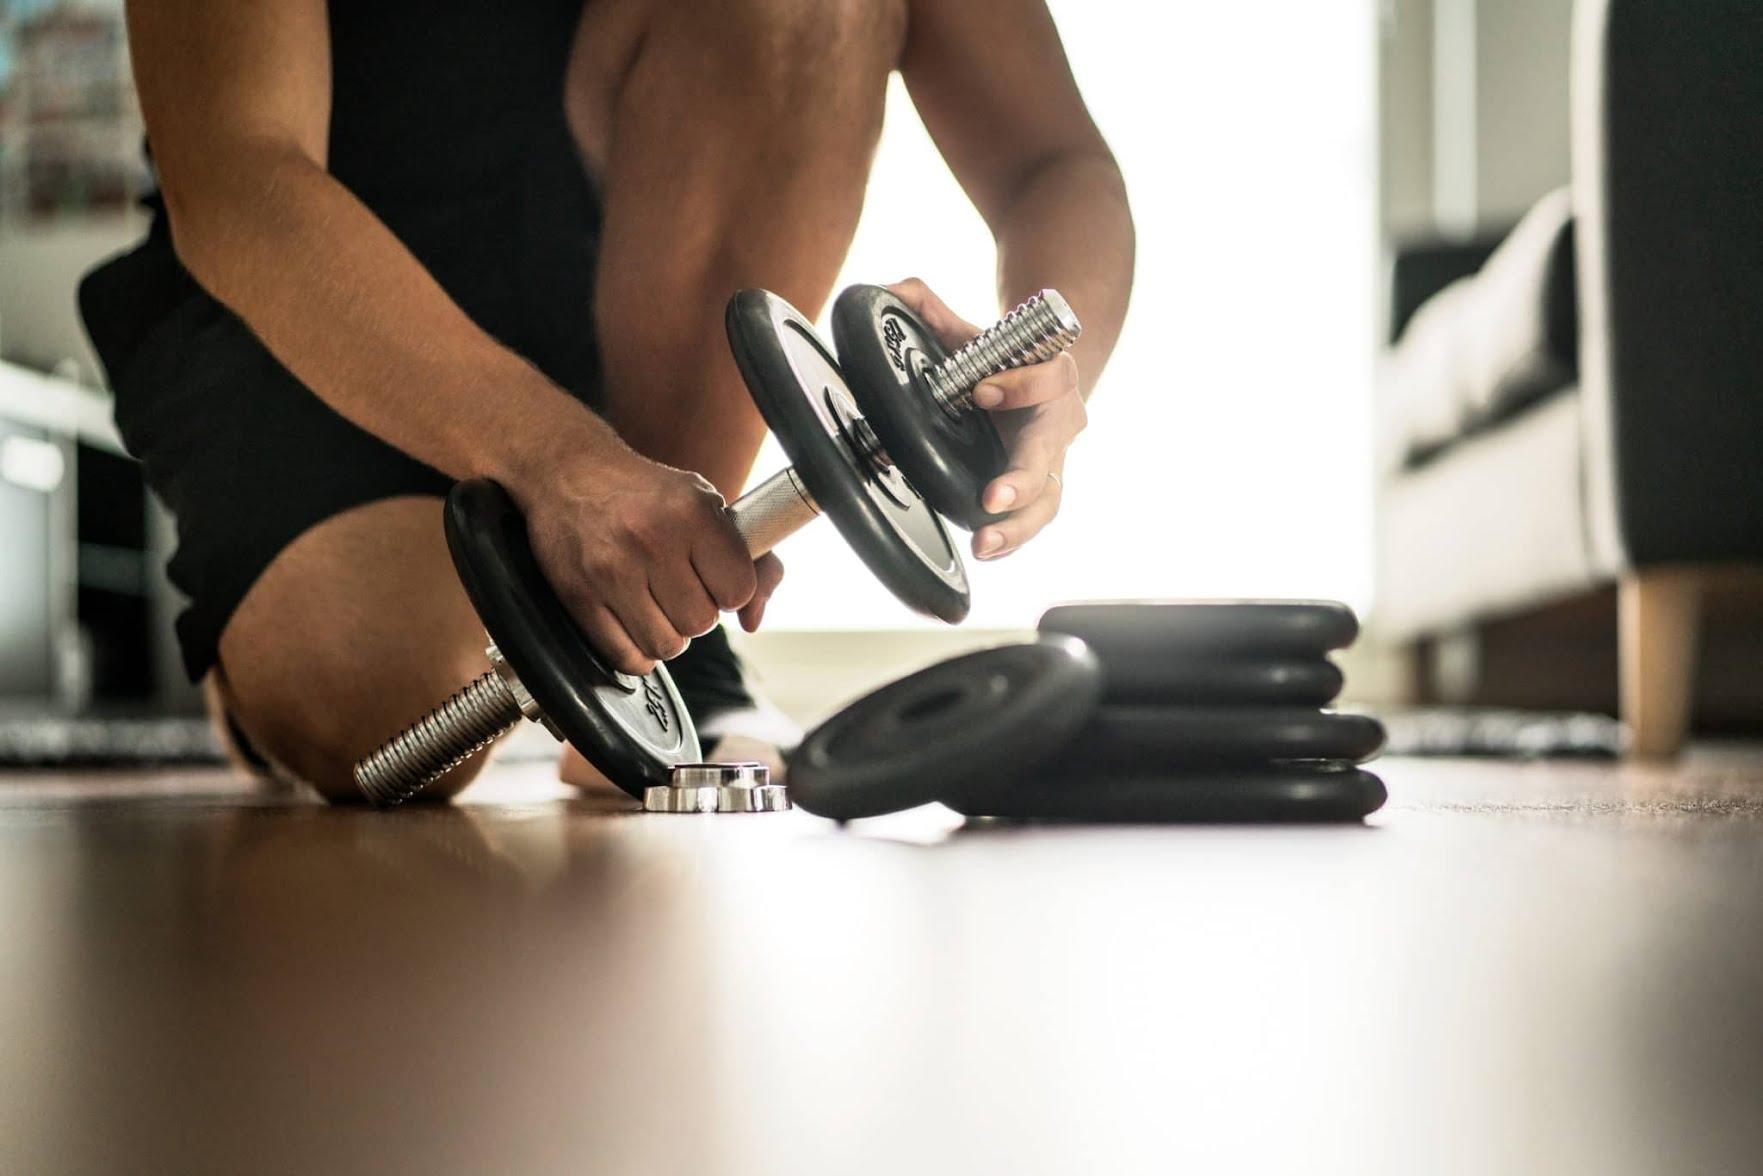 Coaching à distance : tout savoir sur la musculation à domicile